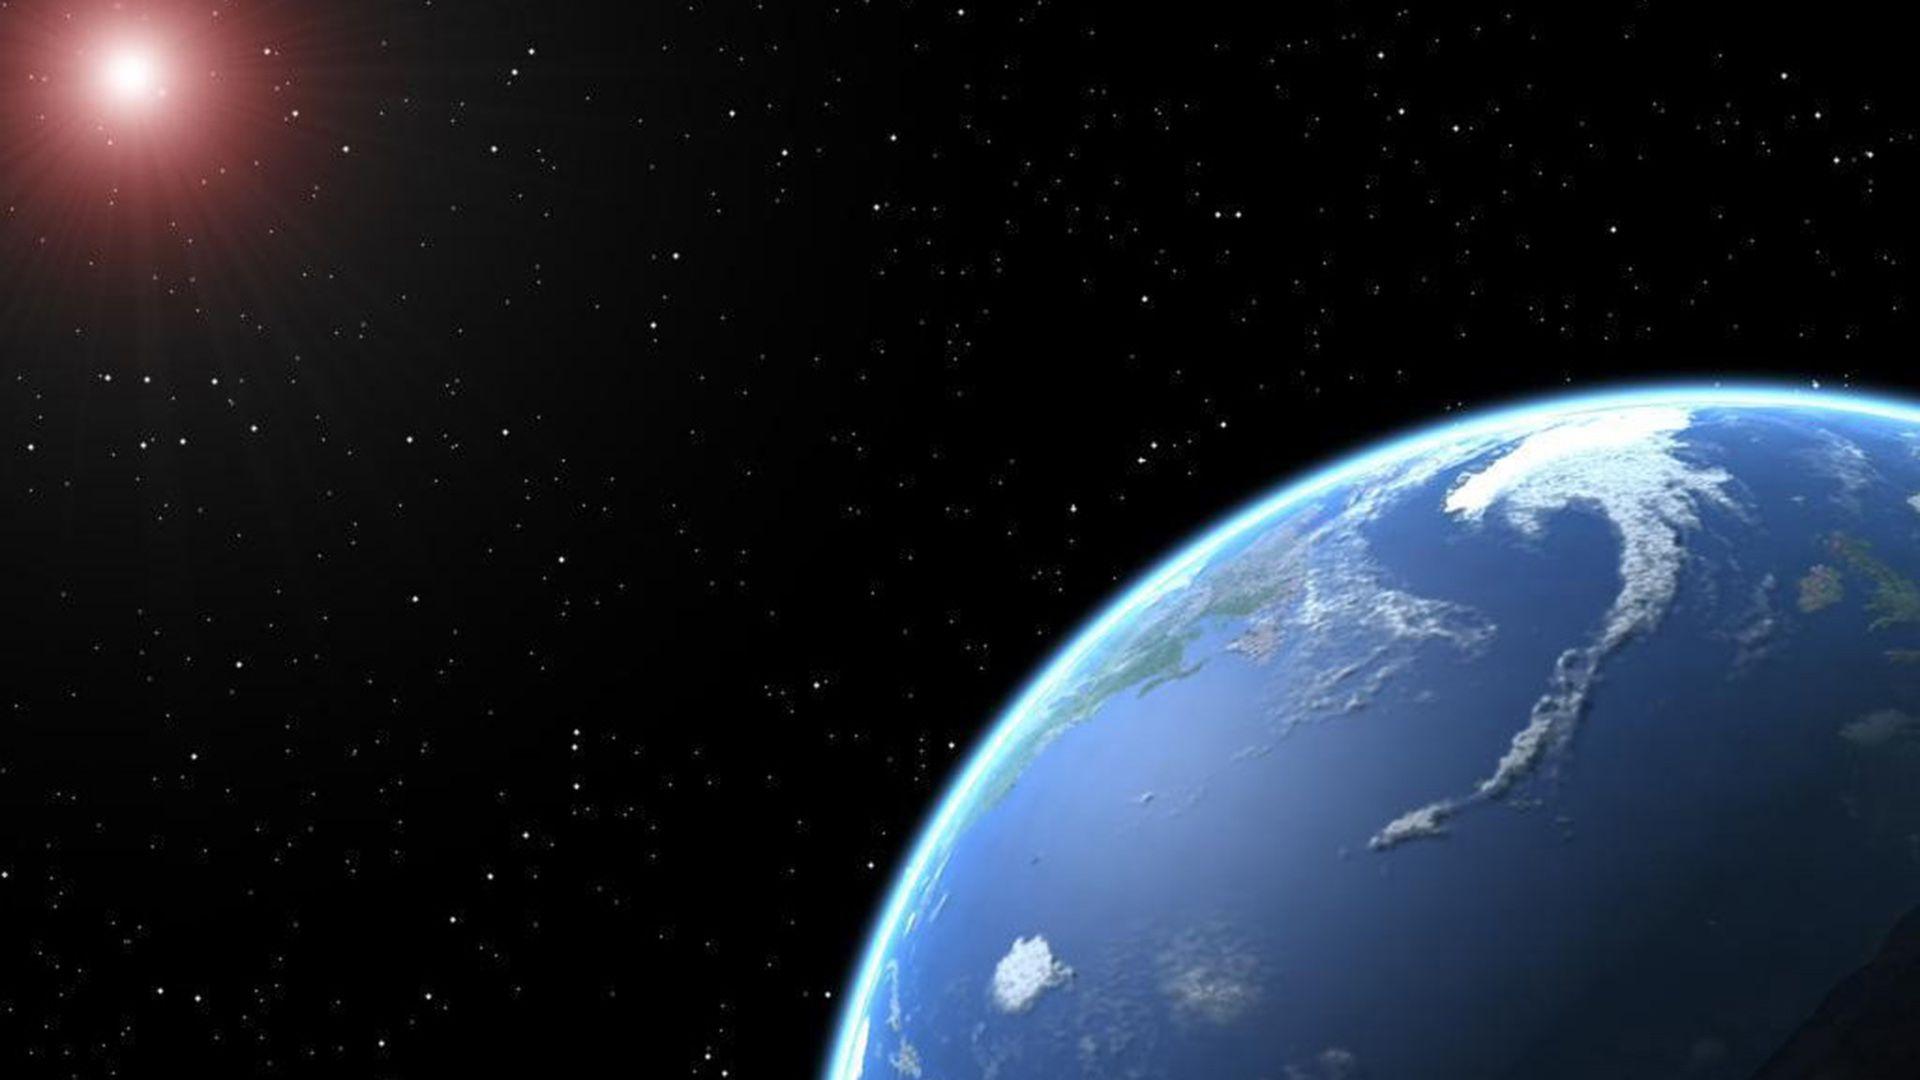 EntePic Space Wallpaper Widescreen 1080p Best Wallpaper 1920x1080